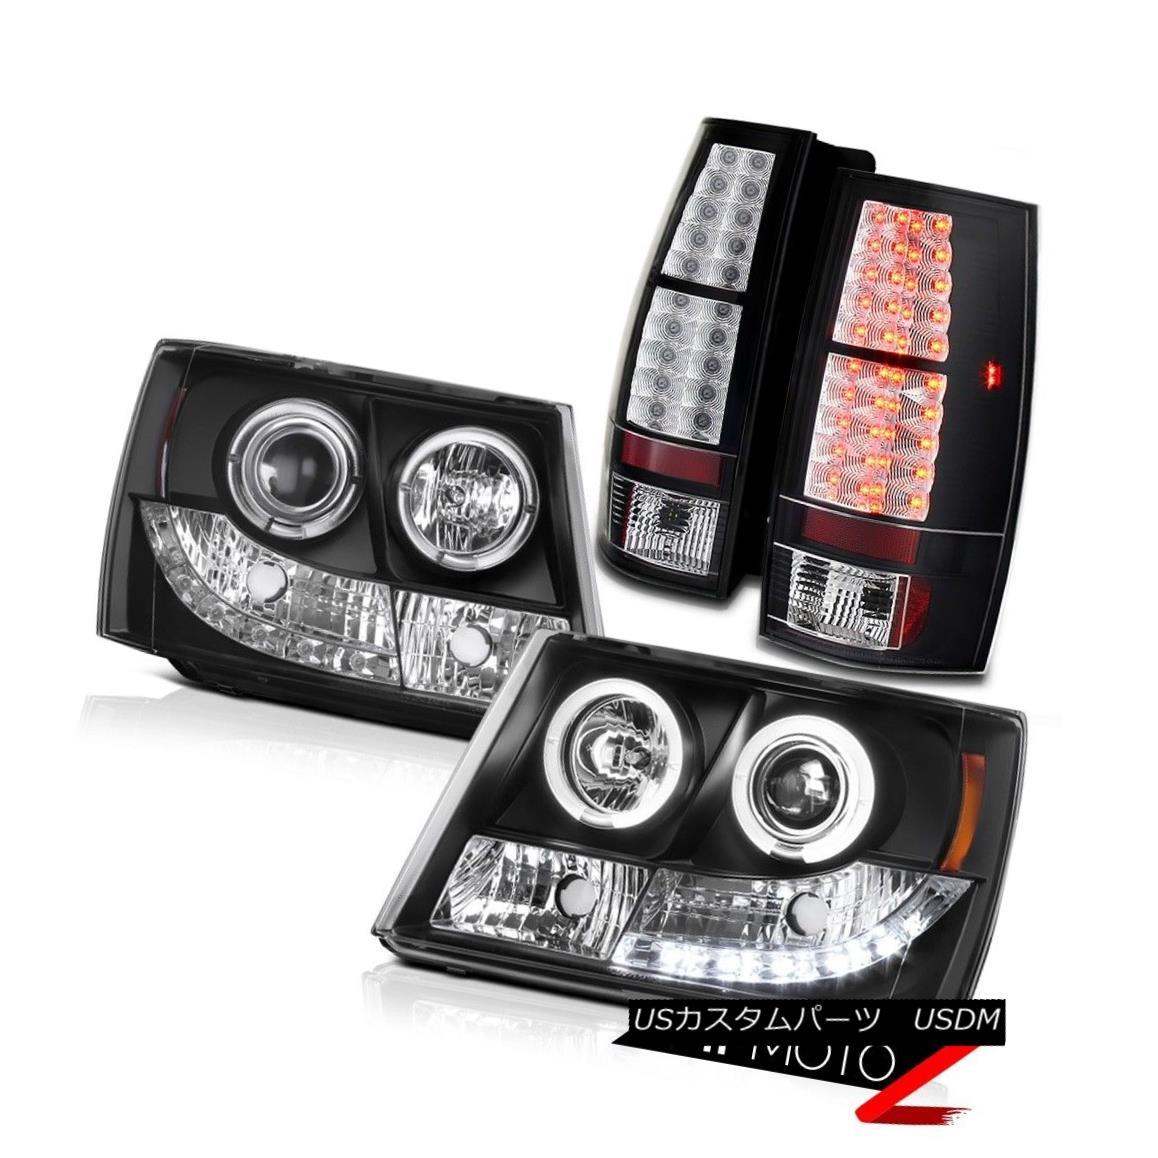 ヘッドライト Suburban/Tahoe 07-13 Black Halo Projector SMD DRL Headlight+LED Tail Light Lamps 郊外/タホー07-13ブラックハロープロジェクターSMD DRLヘッドライト+ LEDテールライトランプ